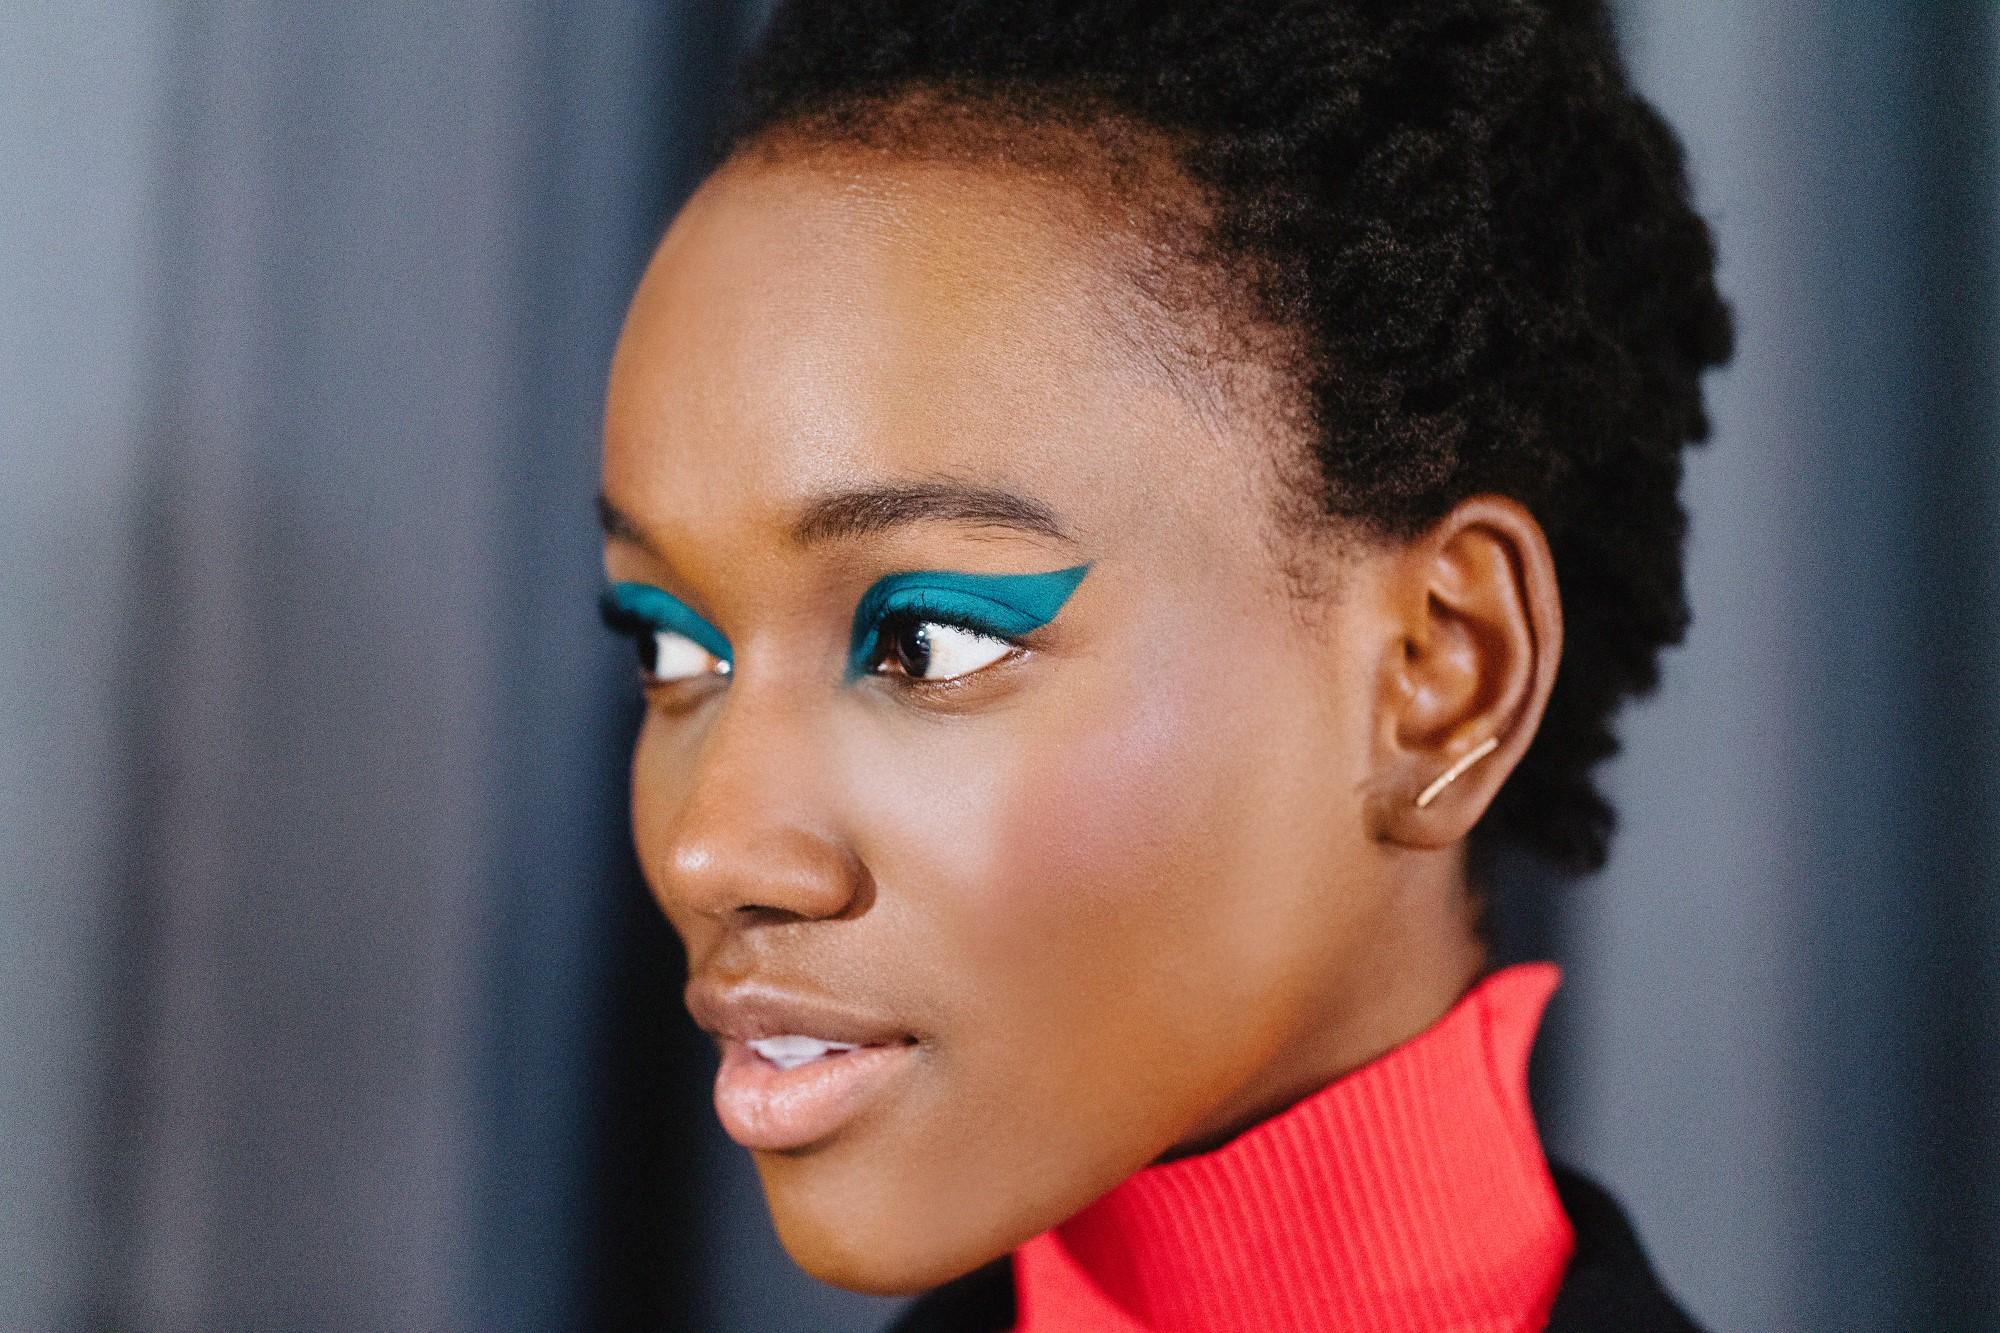 מייבלין בשבוע האופנה בניו יורק צילום יחצ חול